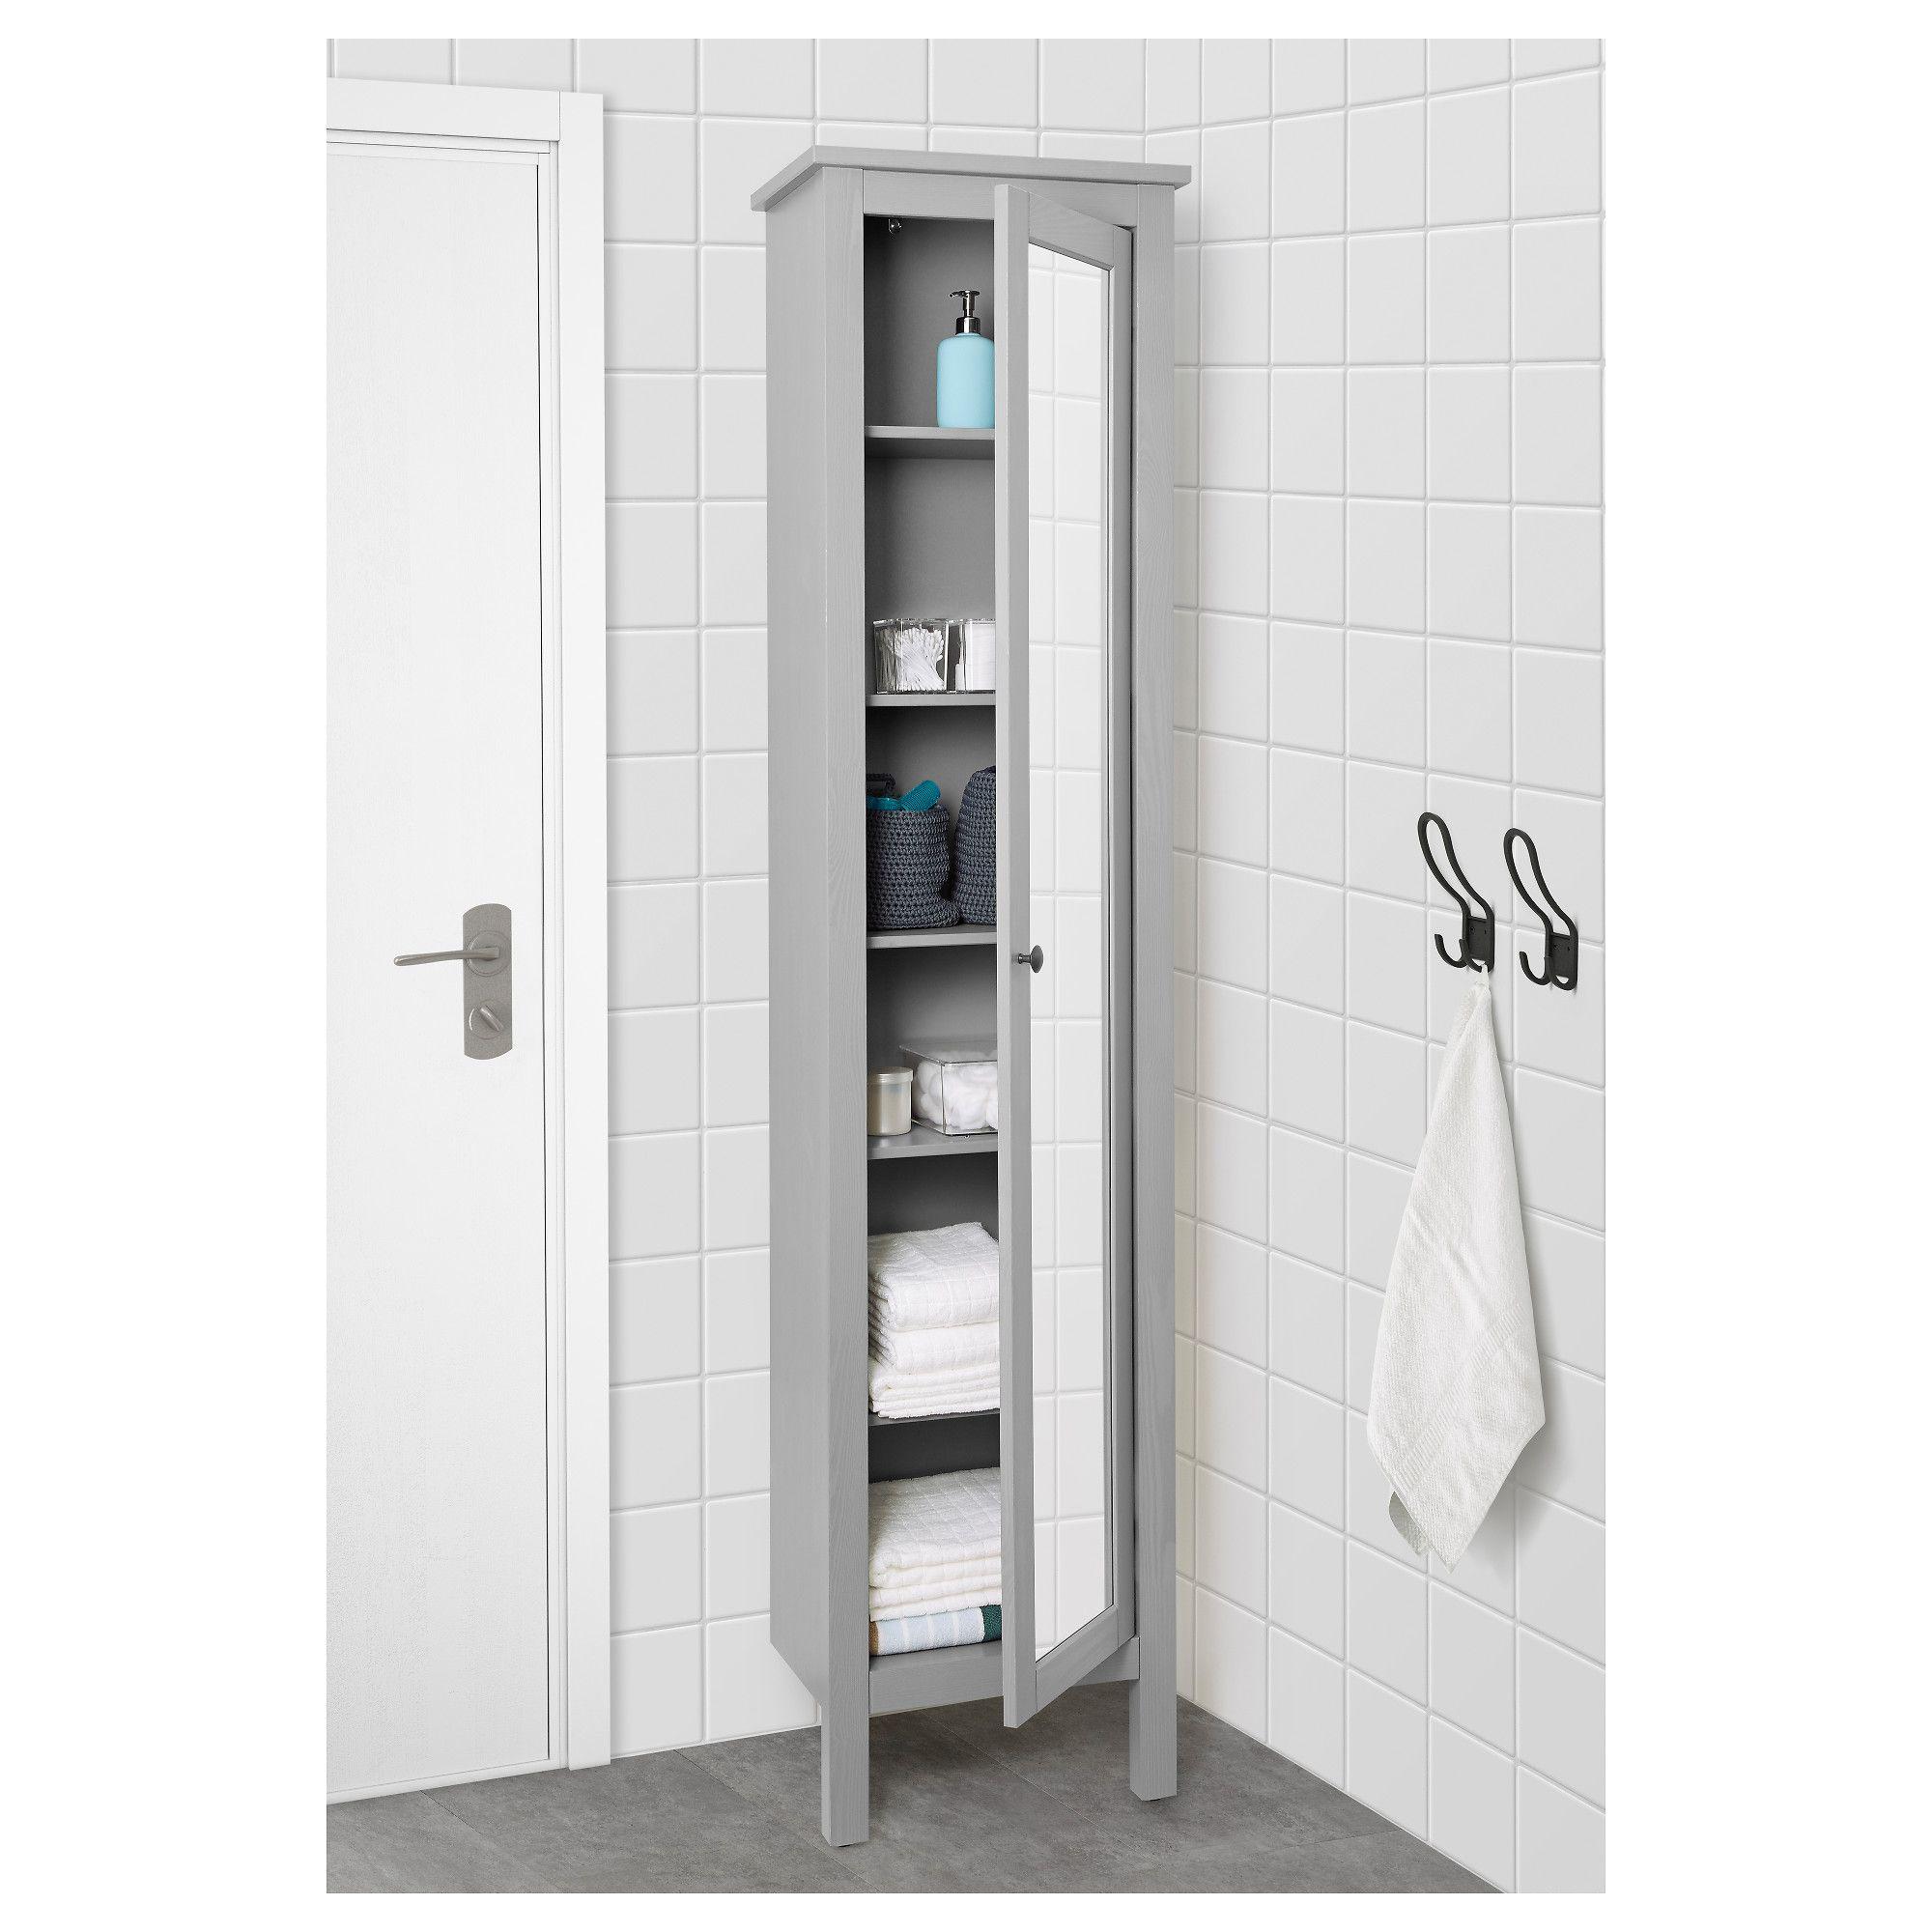 Ikea Hemnes High Cabinet With Mirror Door Gray Bathroom Remodel Pinterest Ikea Bathroom